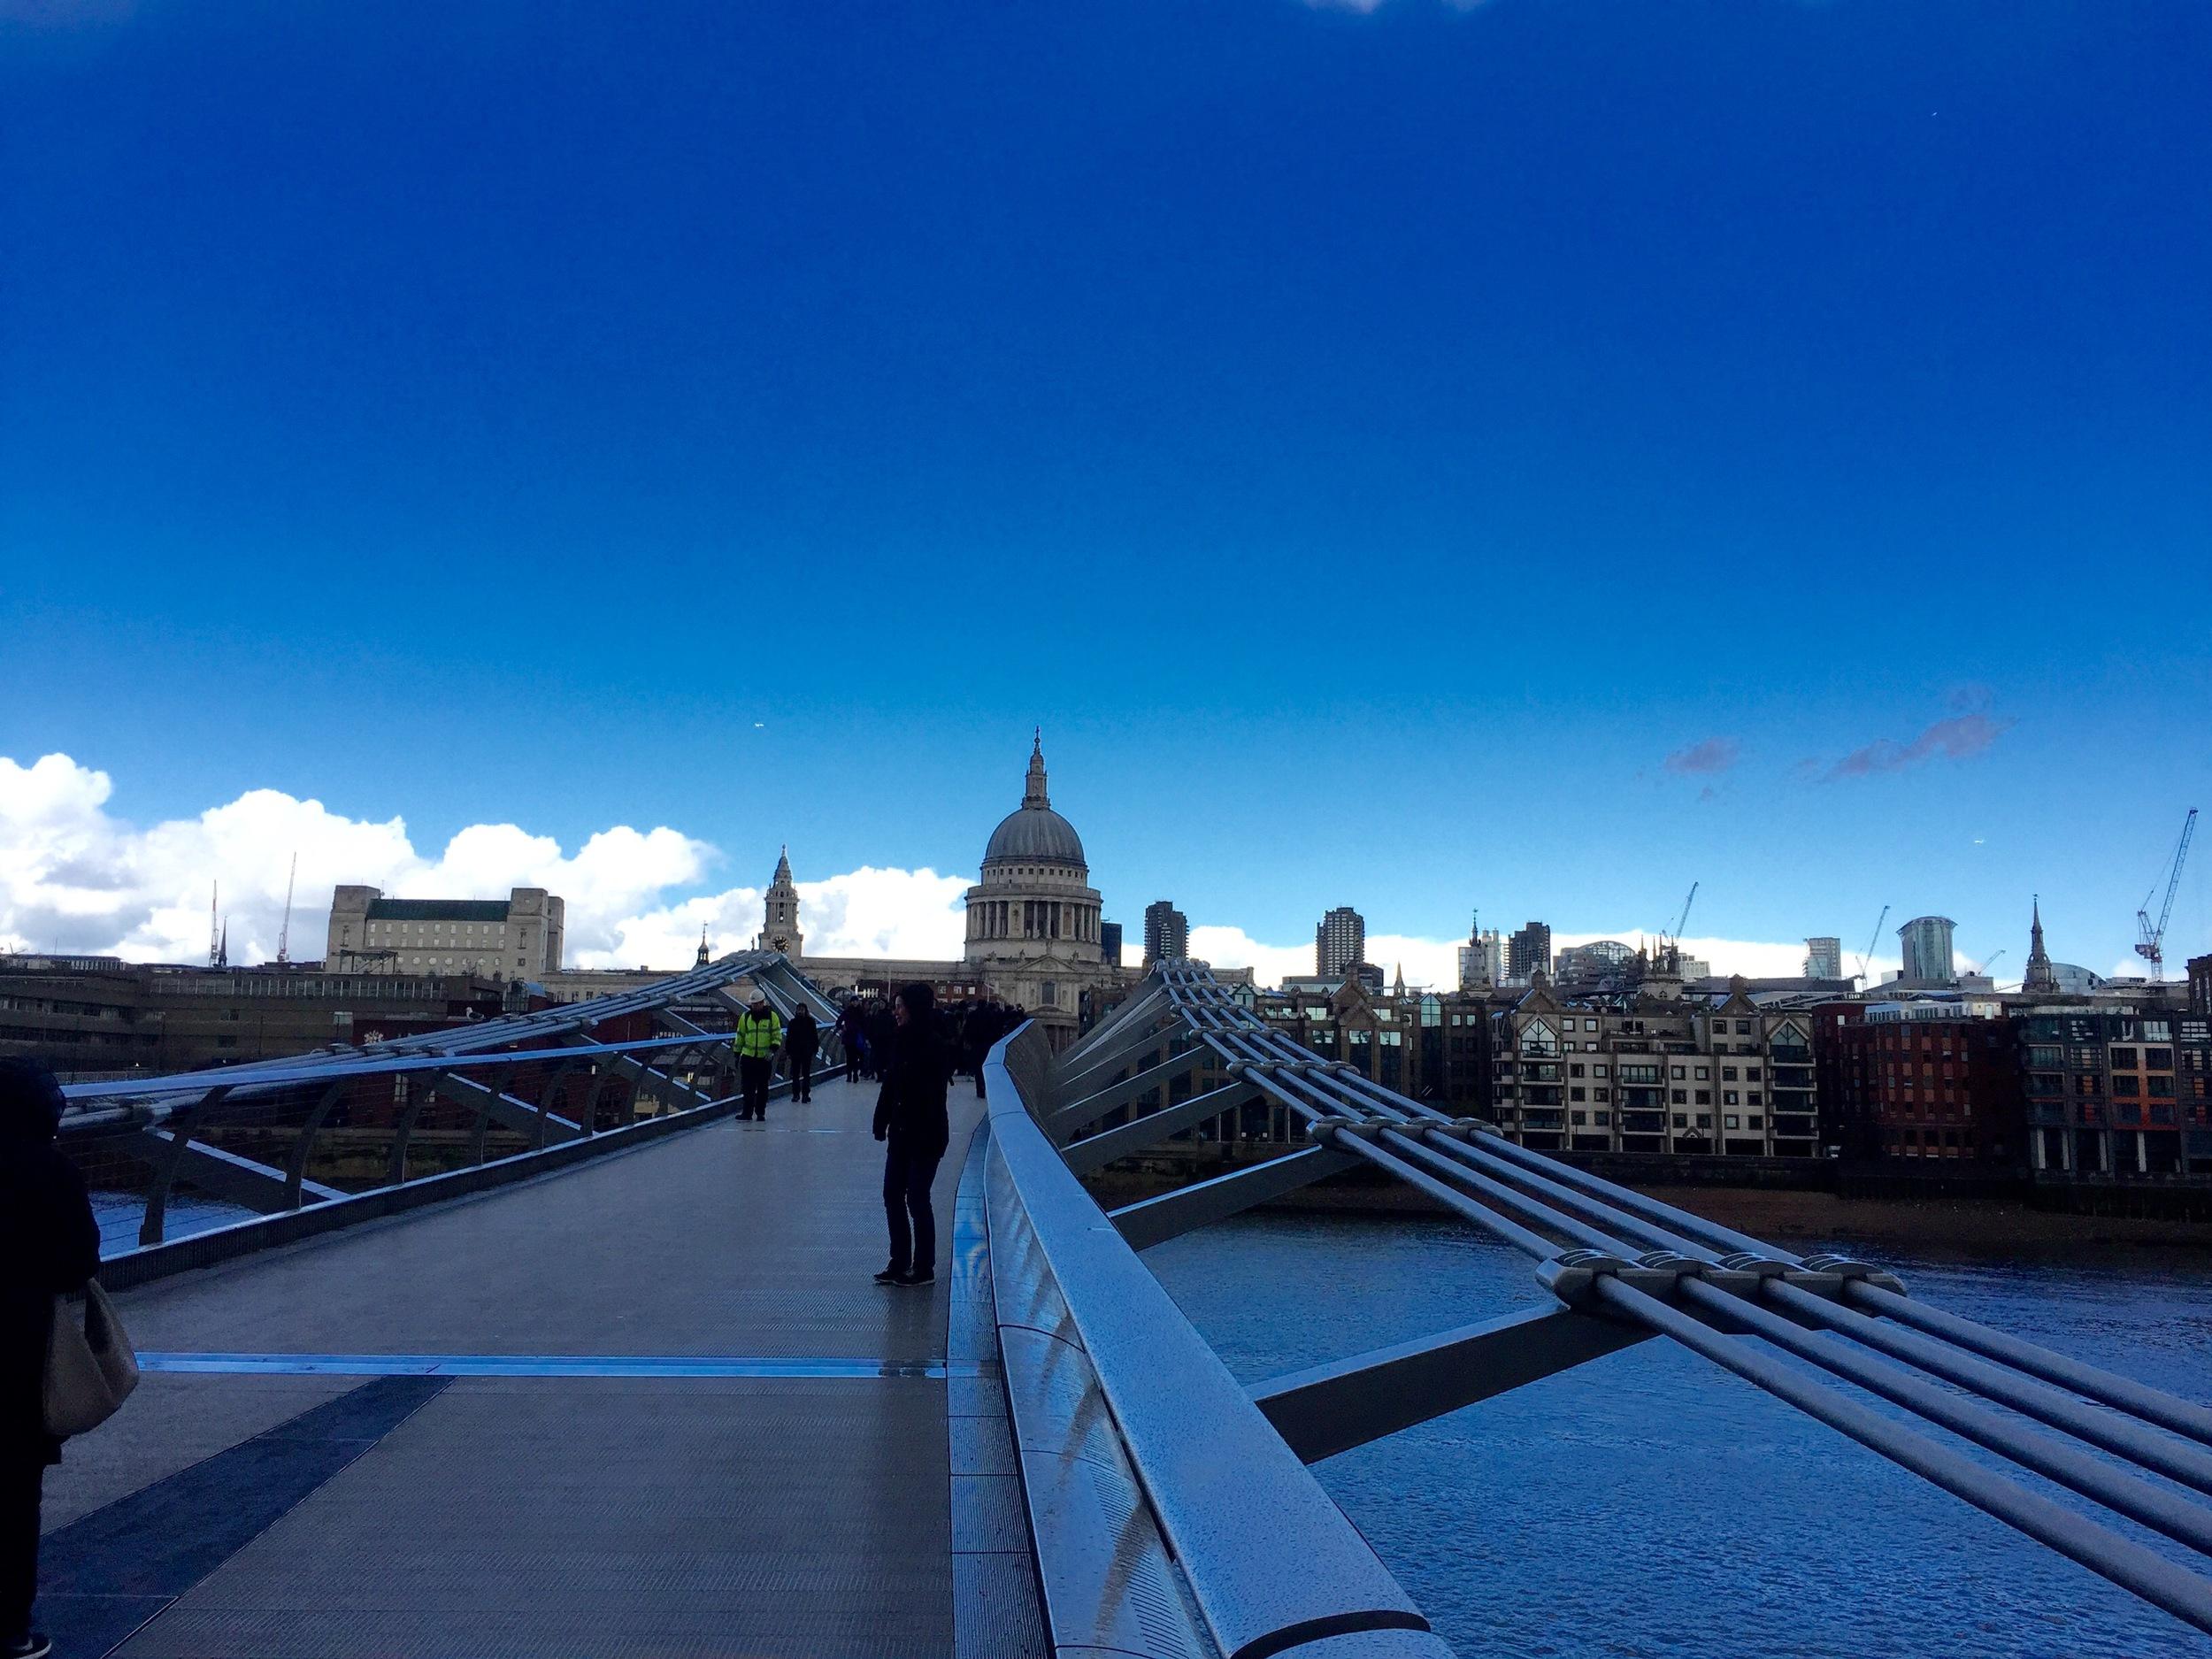 The Millennium Bridge in London, England.